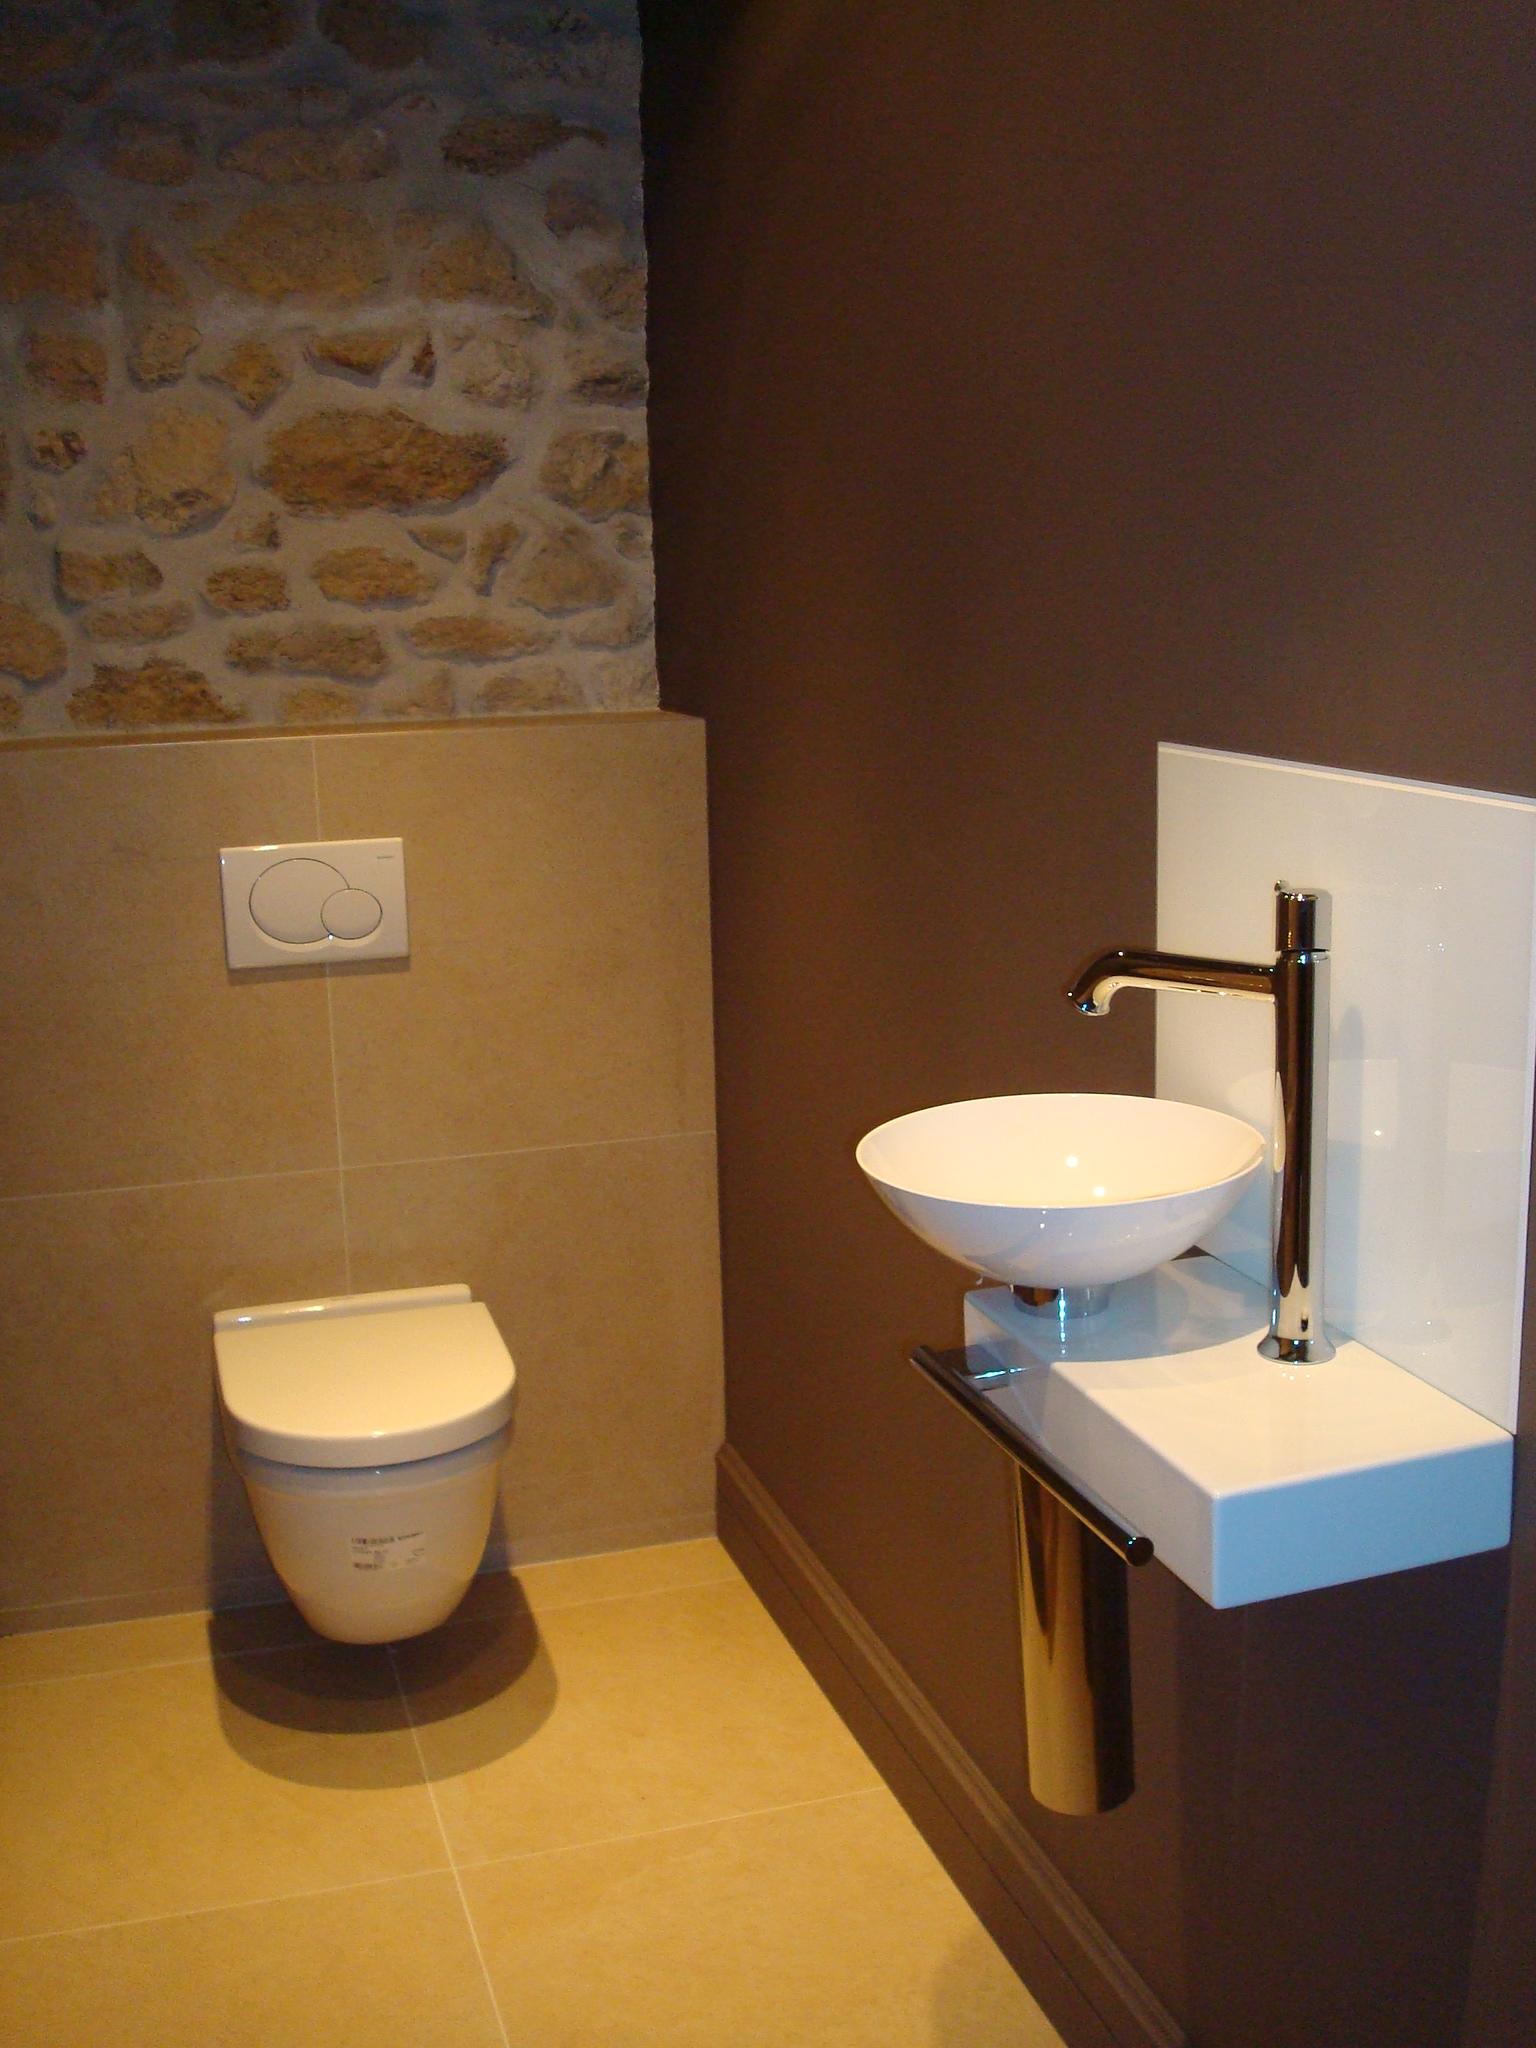 Carrelage wc design - Atwebster.fr - Maison et mobilier